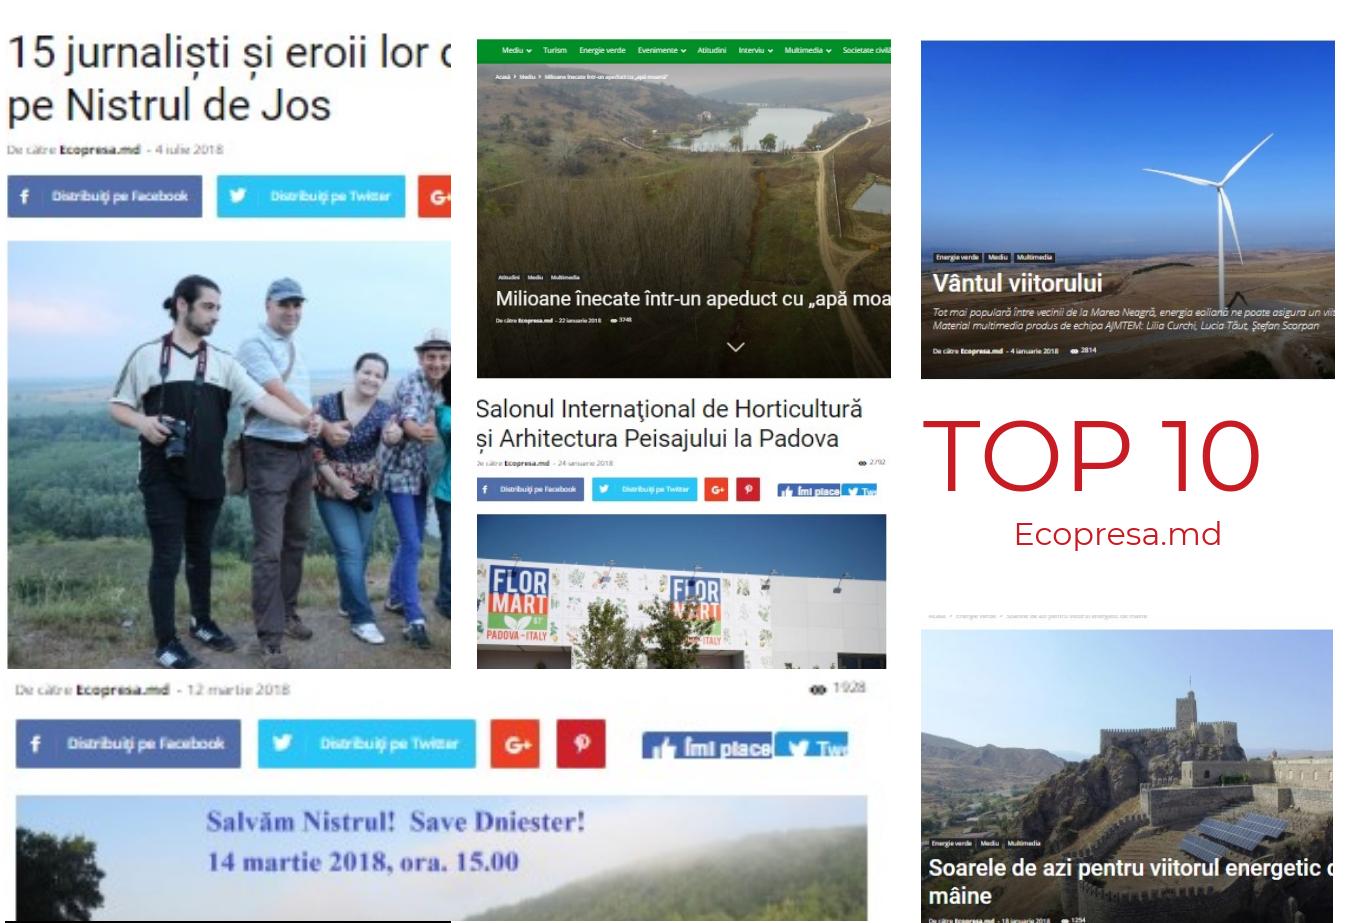 Top 10 cele mai citite articole pe Ecopresa.md în 2018